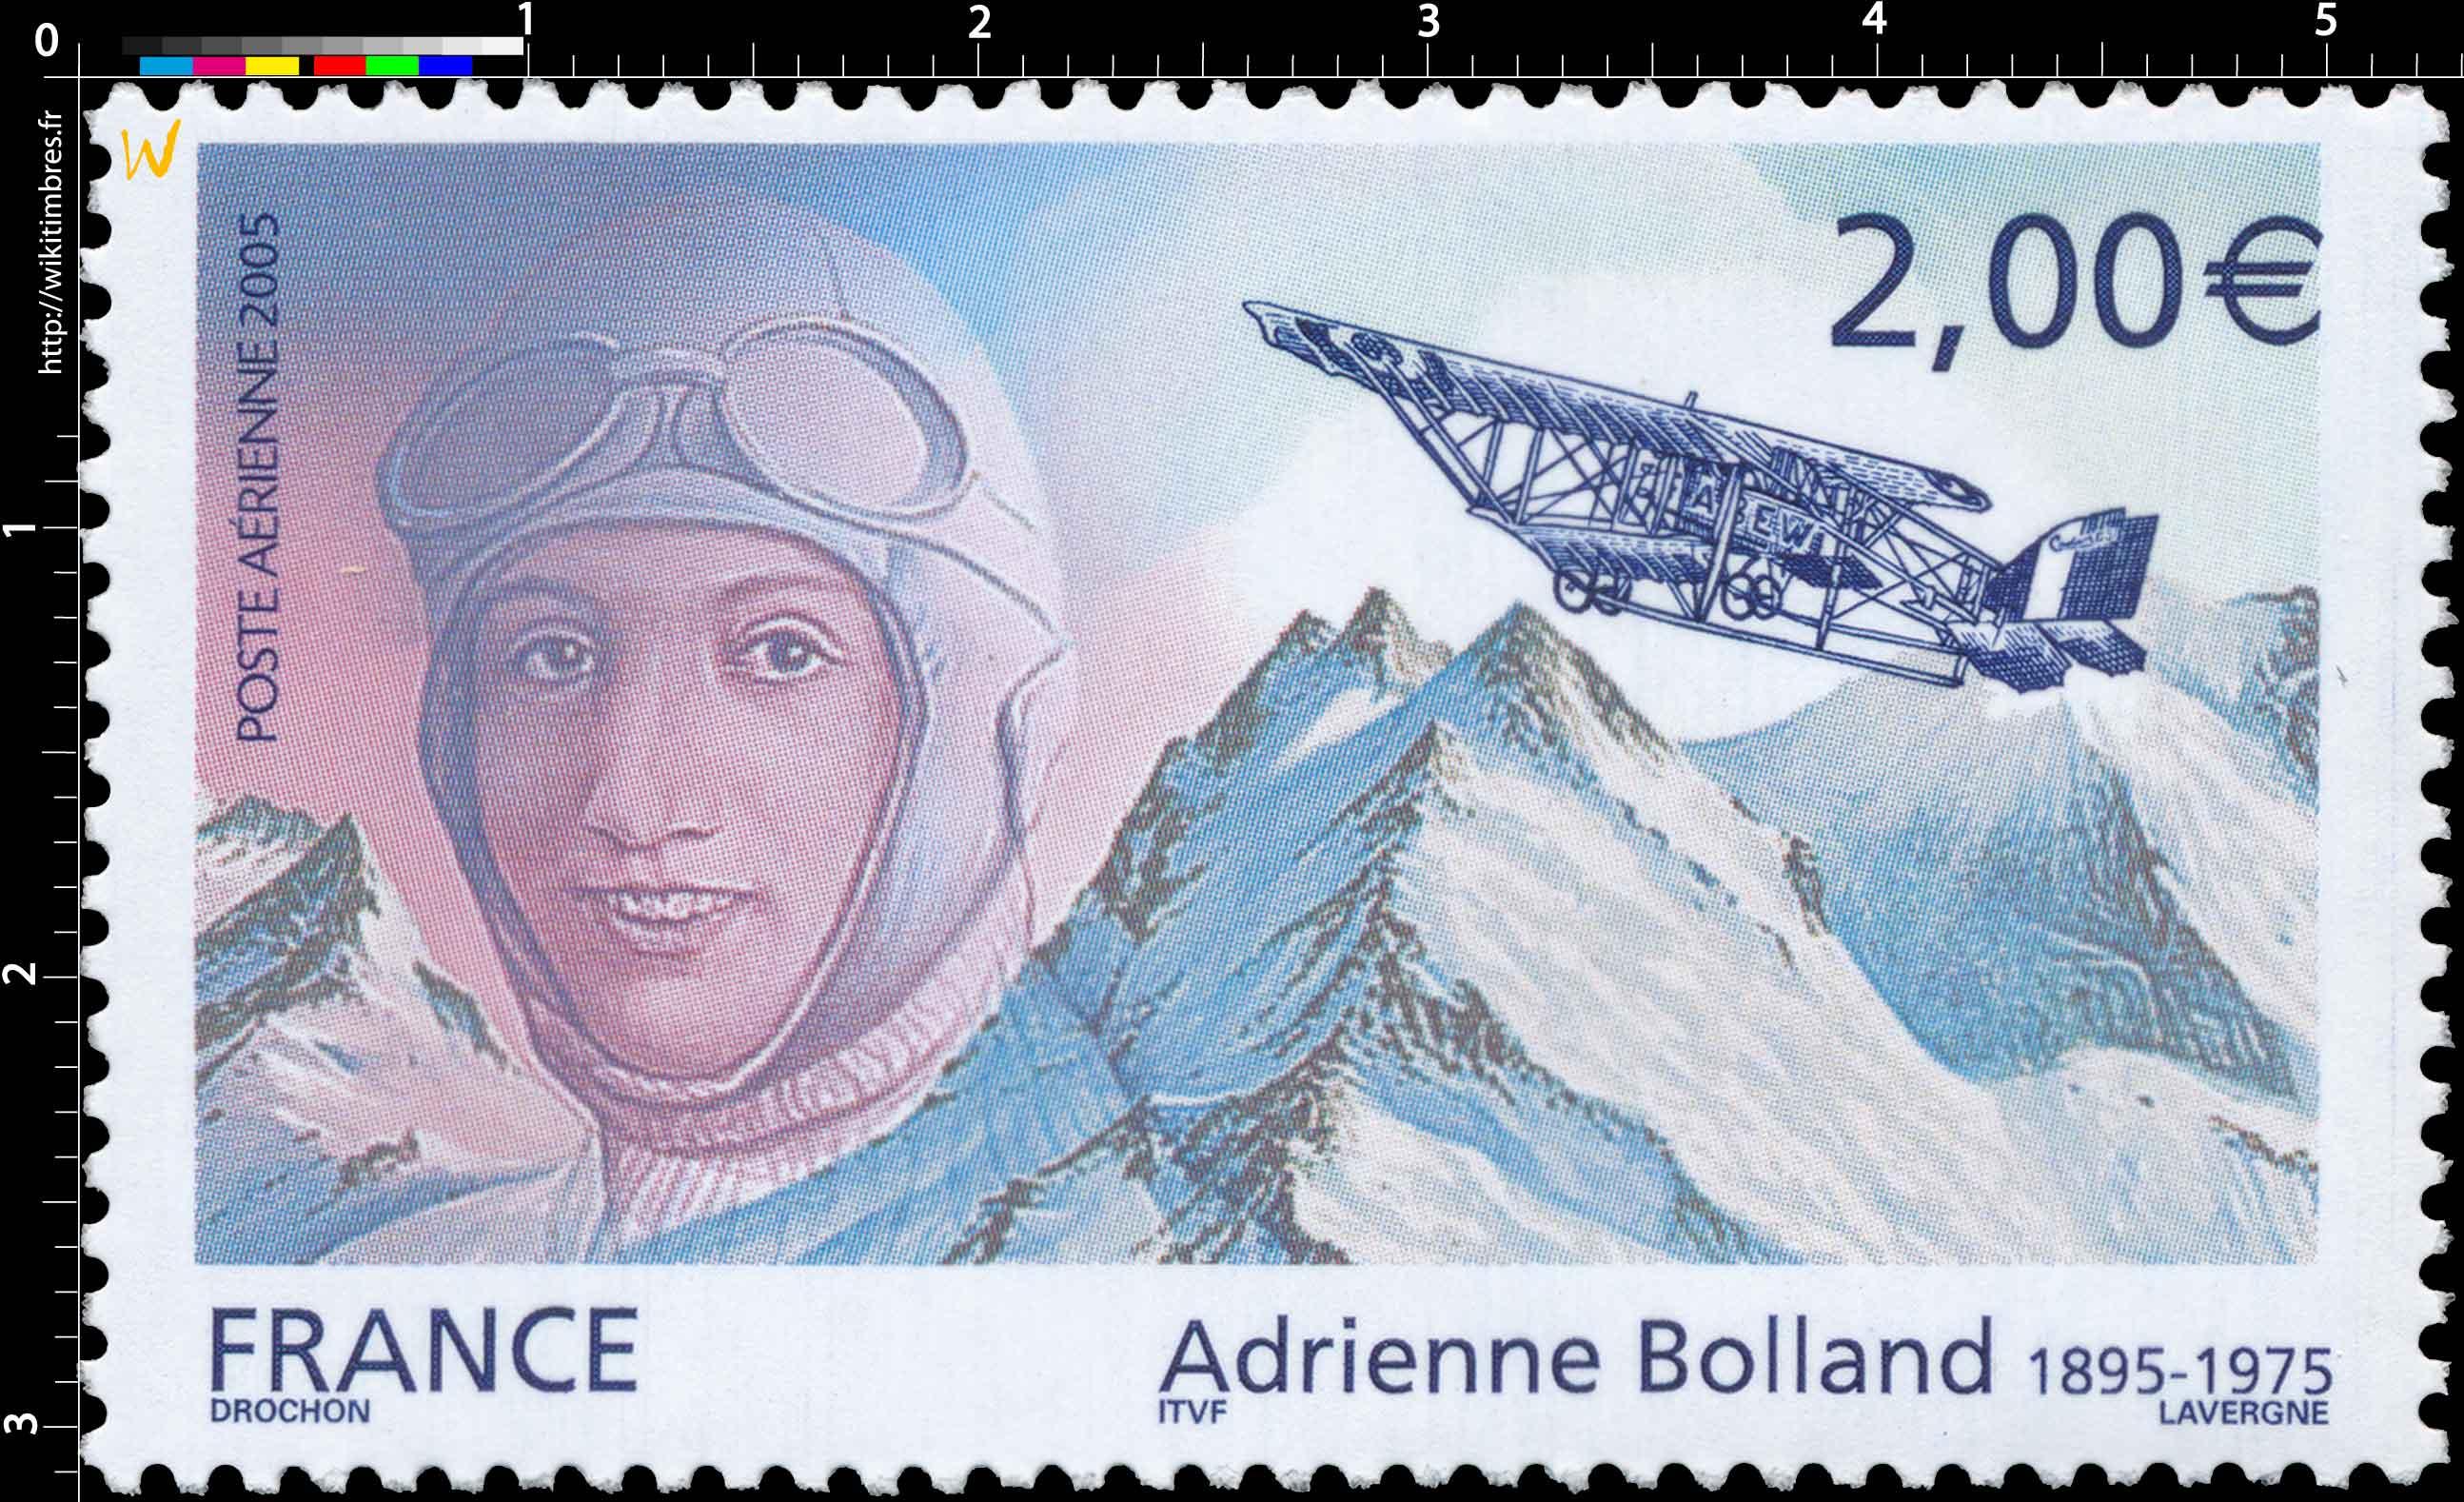 2005 Adrienne Bolland 1895-1975